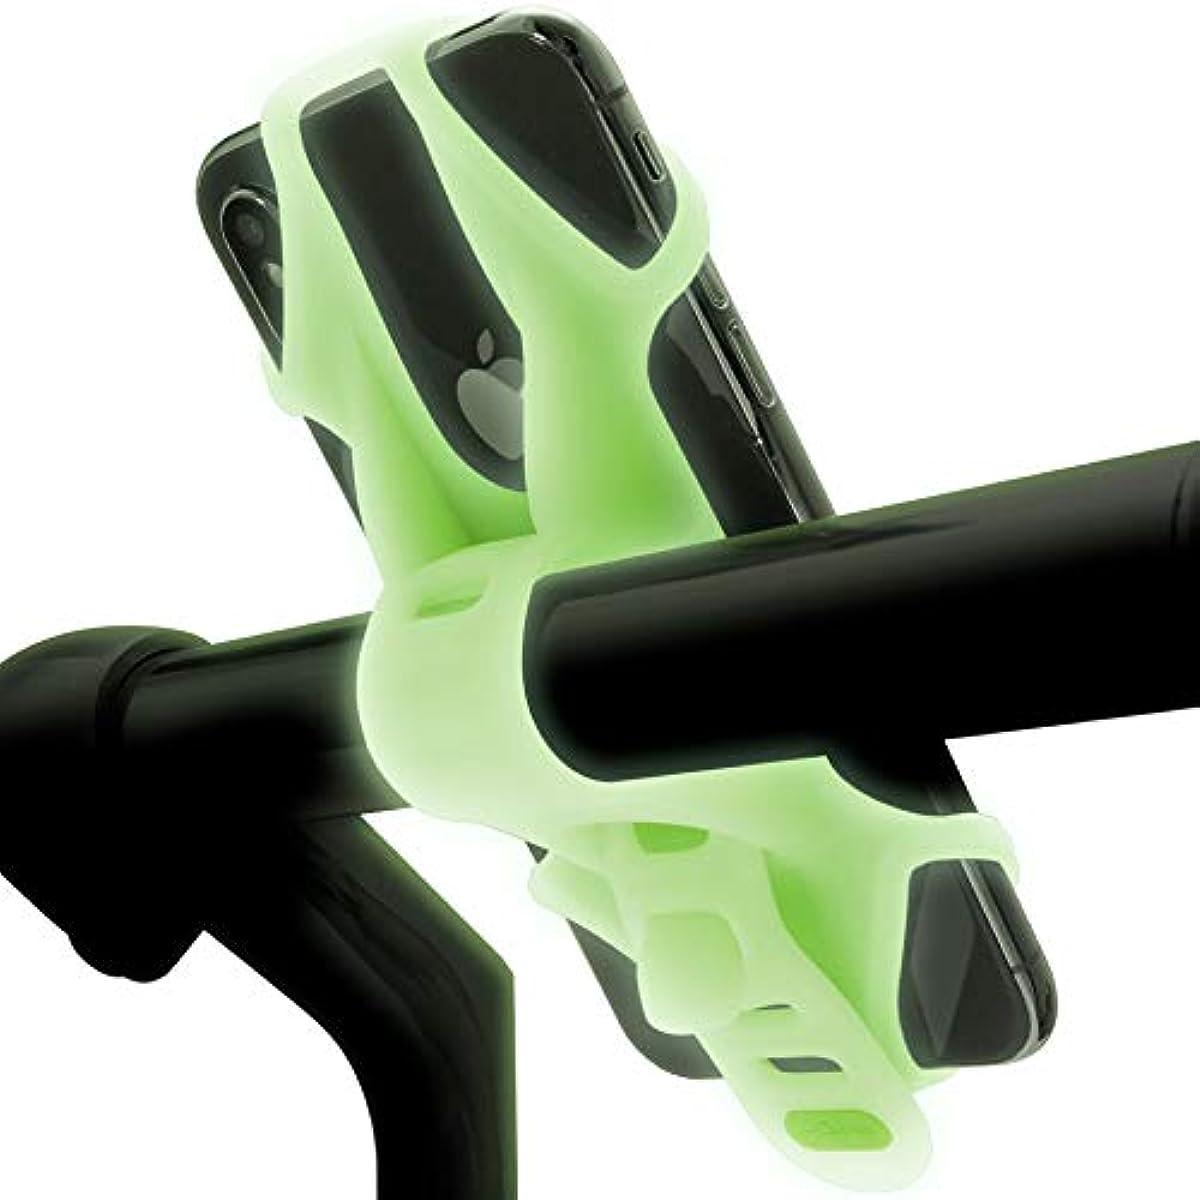 [해외] Bone Bike Tie 2 자전거 스마트 폰 홀더 전체 실리콘 초경량 탈착 쉽게 탈락 방지 4-6.5 인치